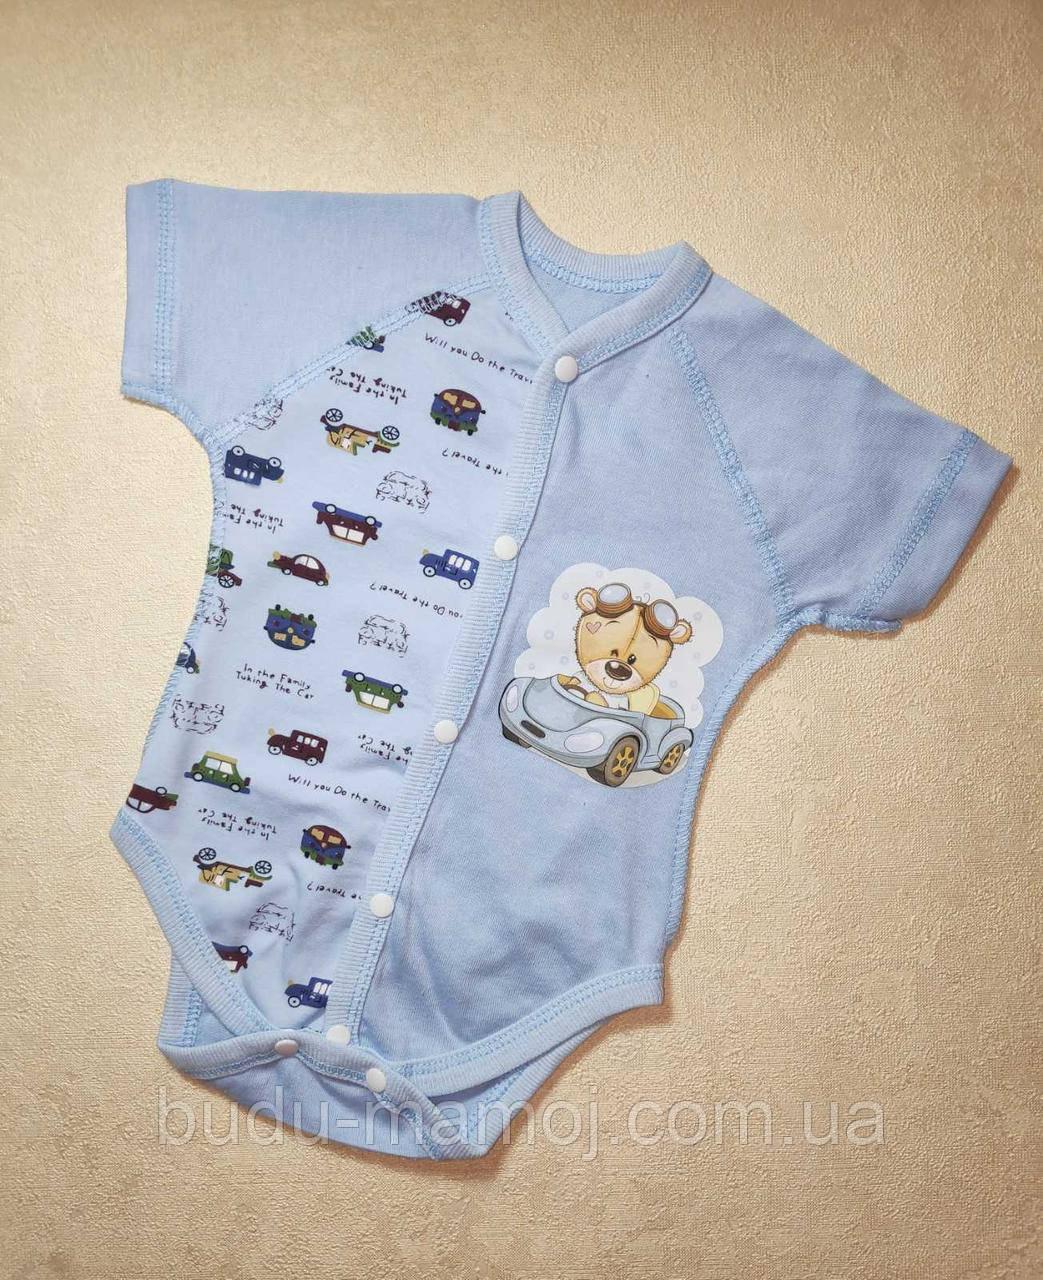 Бодик для новорожденного в роддом на выписку наружные швы качество Люкс 56 62  размер